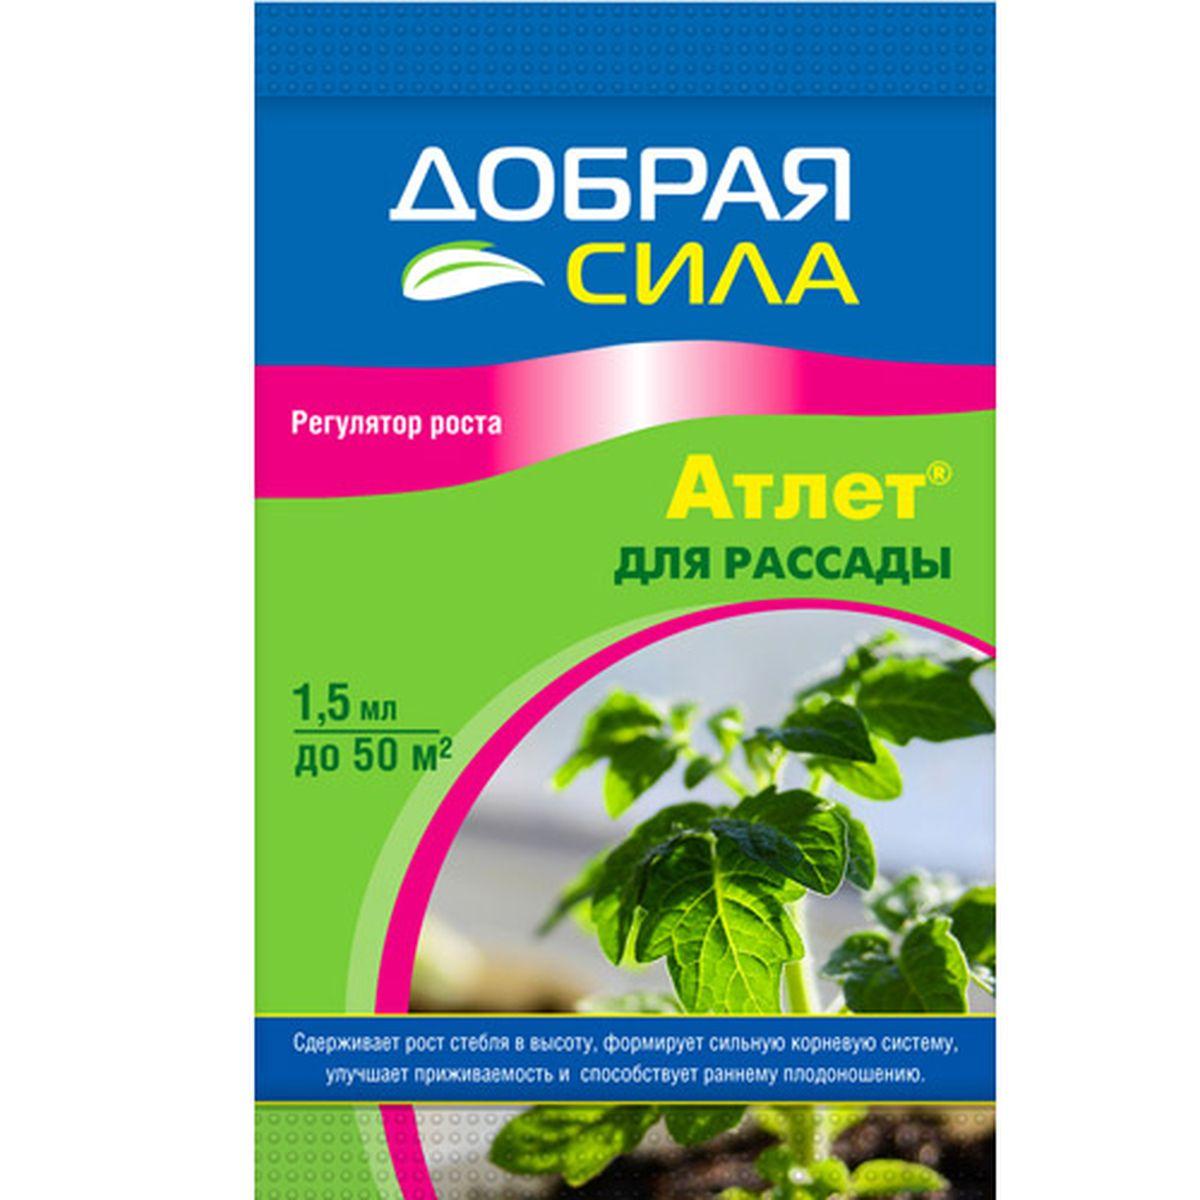 Регулятор роста Добрая Сила Атлет, 1,5 млDS-24-08-004-1Сдерживает рост стебля в высоту, формирует сильную корневую систему, улучшает приживаемость и способствует раннему цветению и плодоношению.